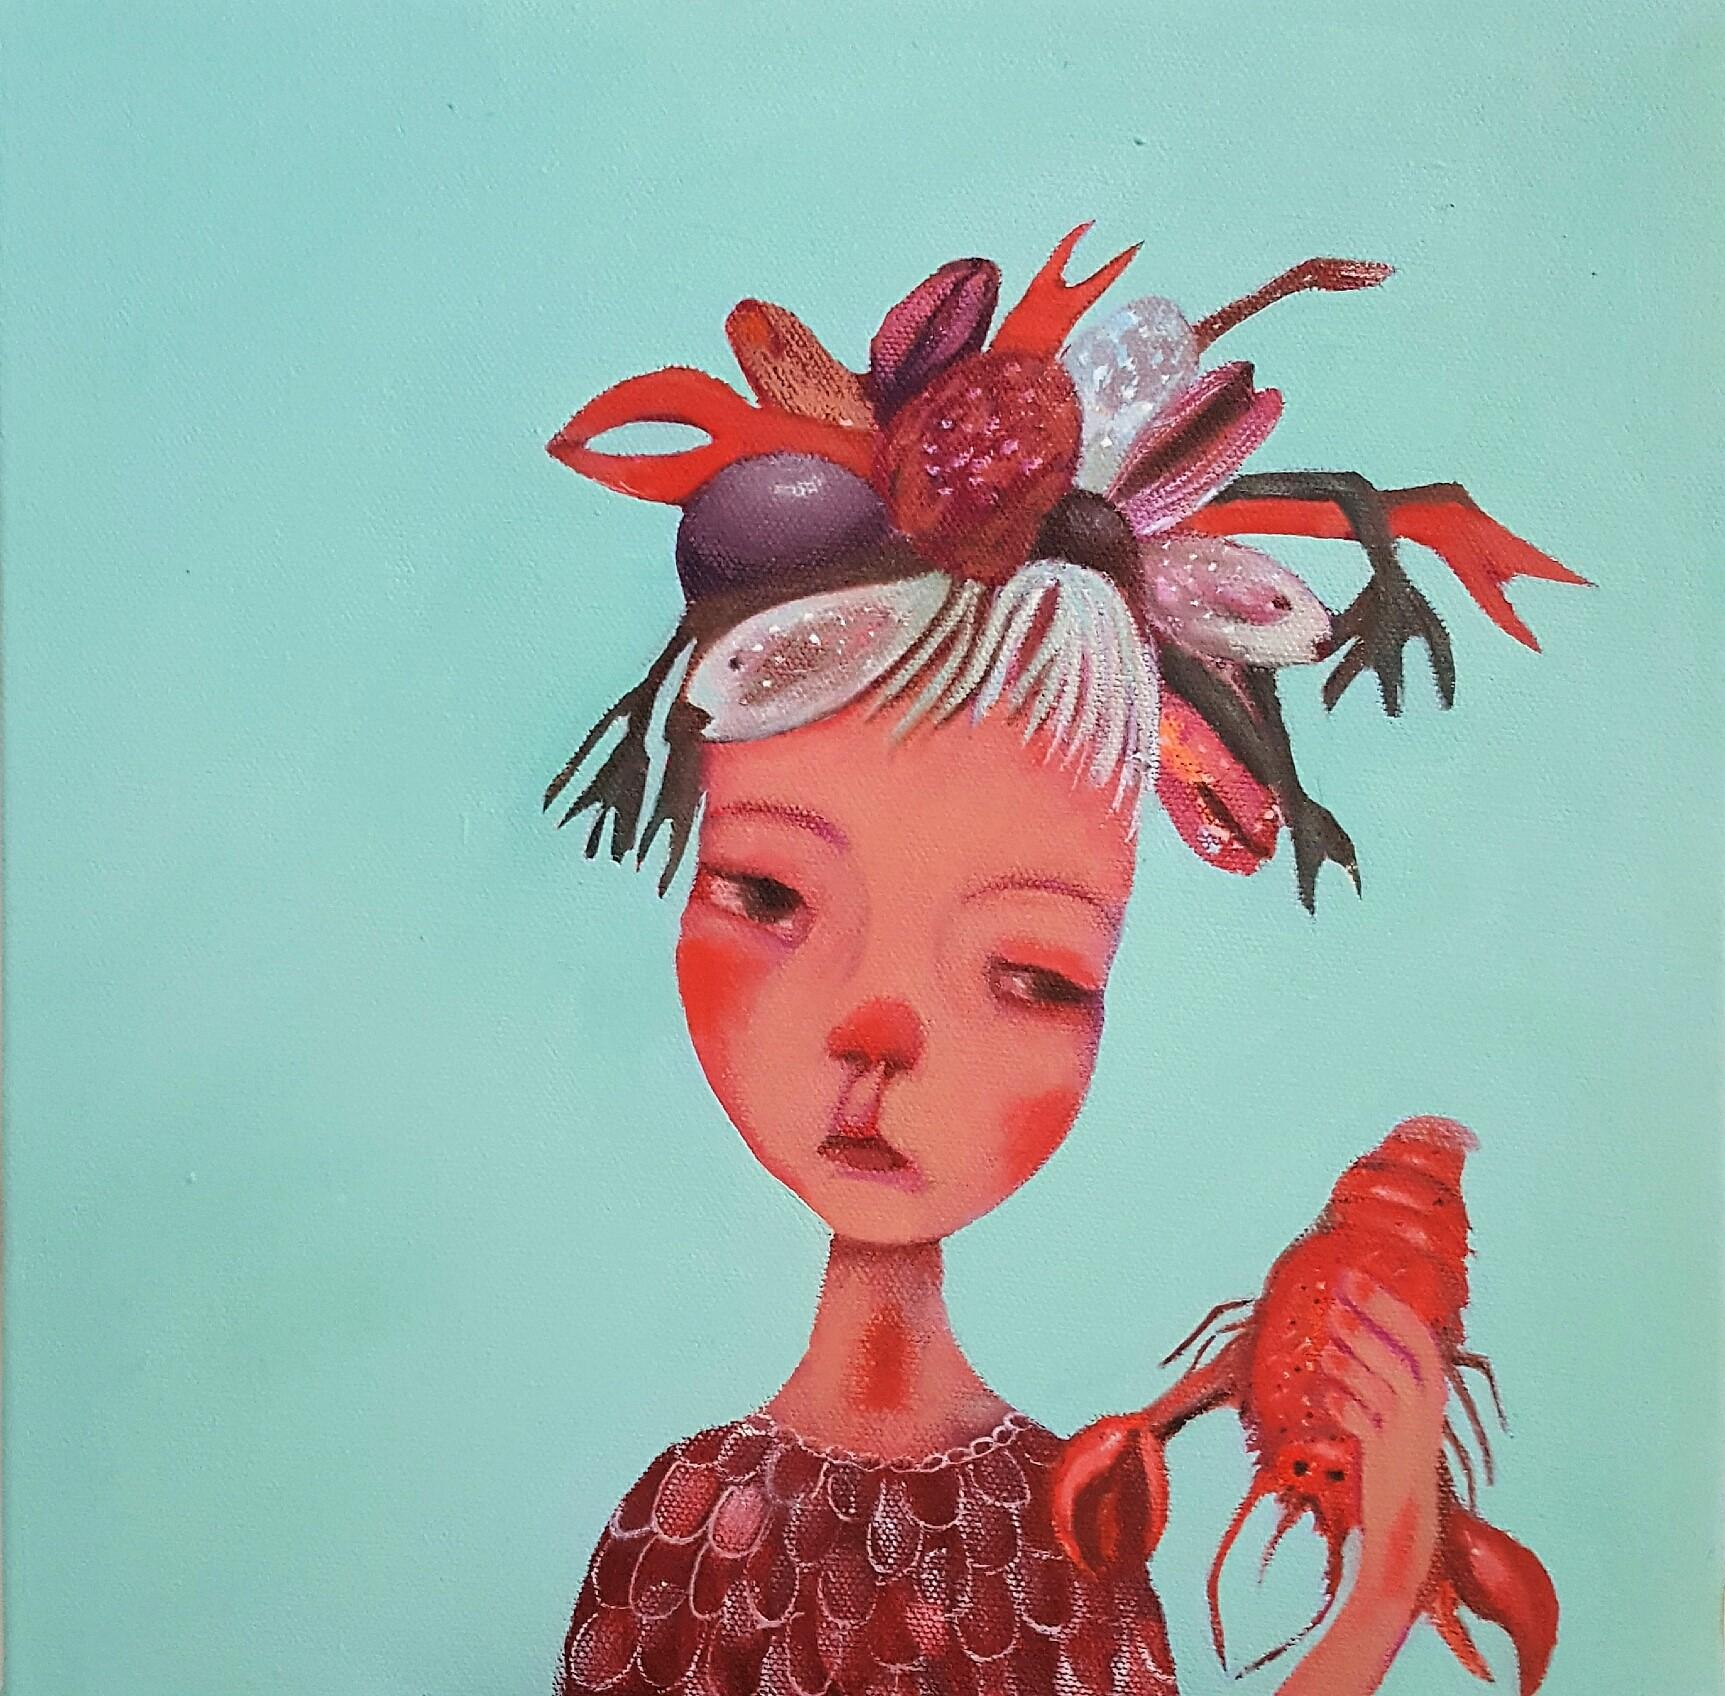 'Lobsterlady-2' by Siobhan Purdy